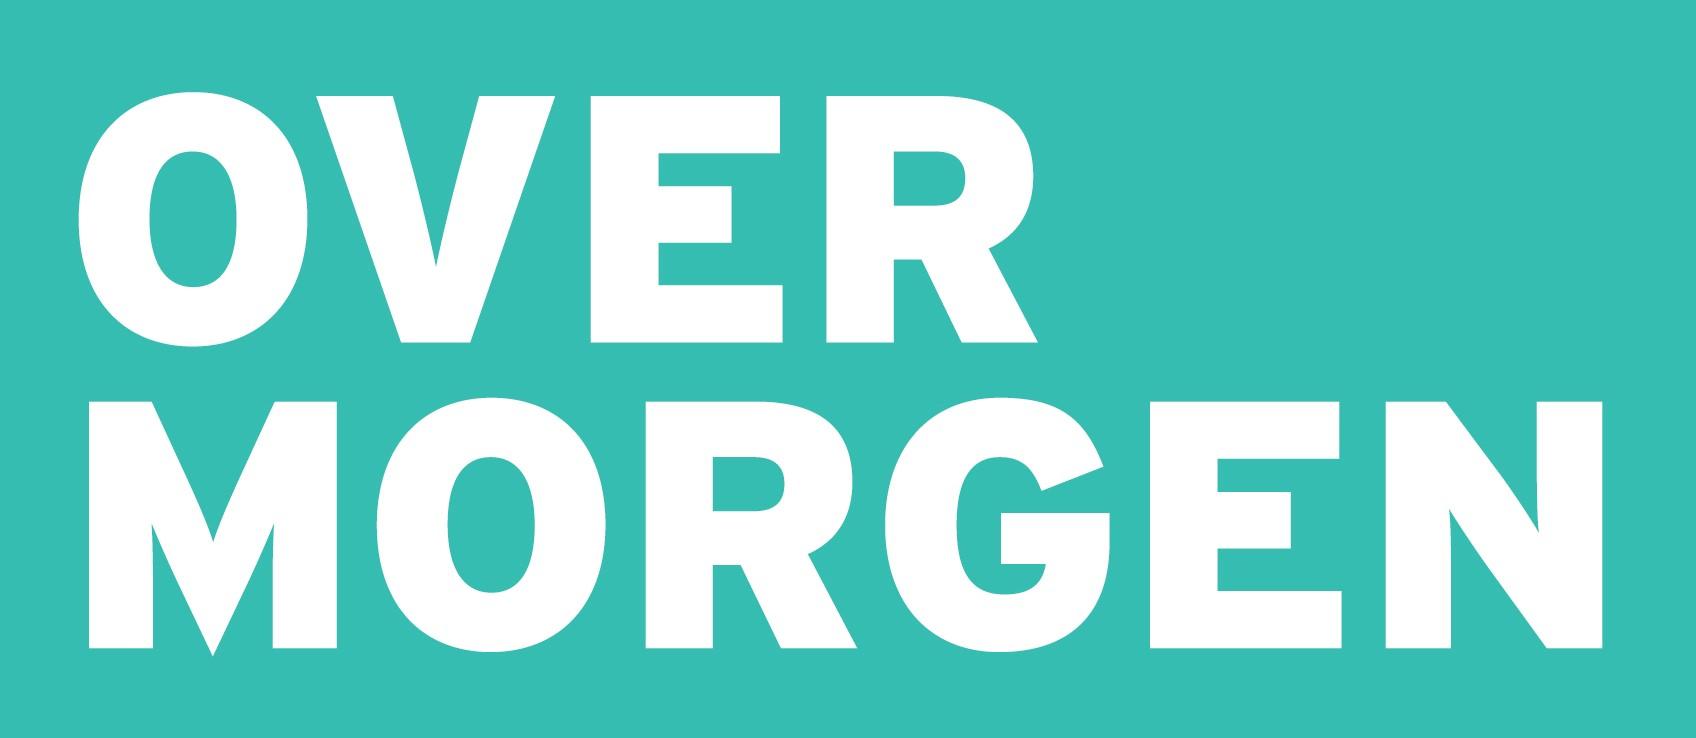 Het logo van Over Morgen